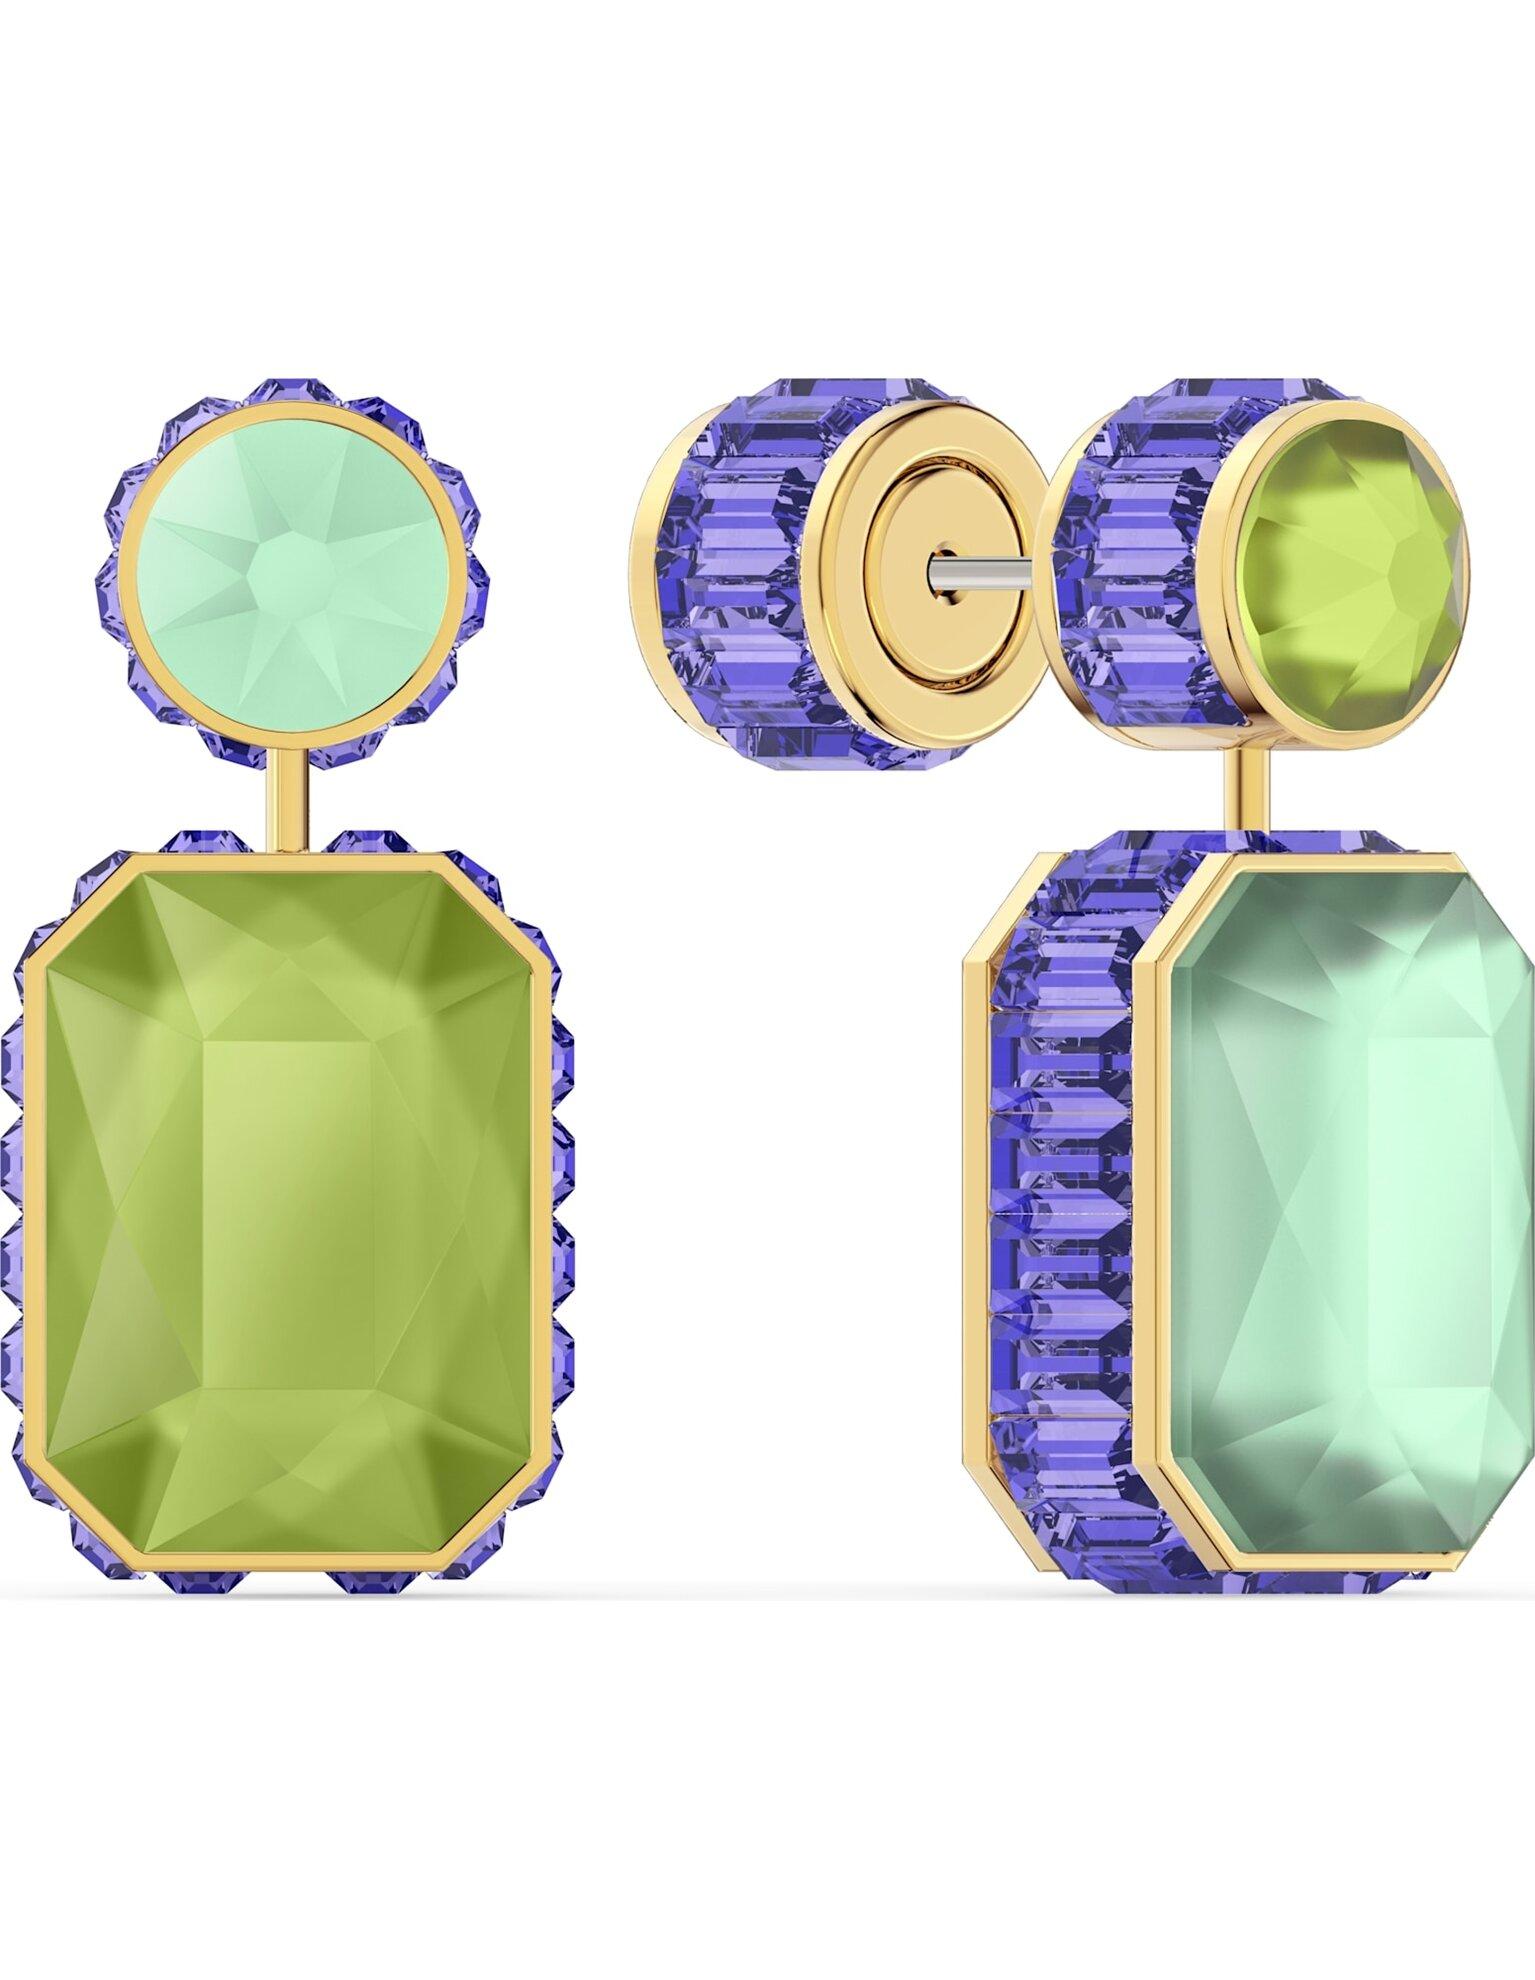 Picture of Orbita Küpeler, Asimetrik, Sekizgen kesim kristal, Çok renkli, Altın rengi kaplama